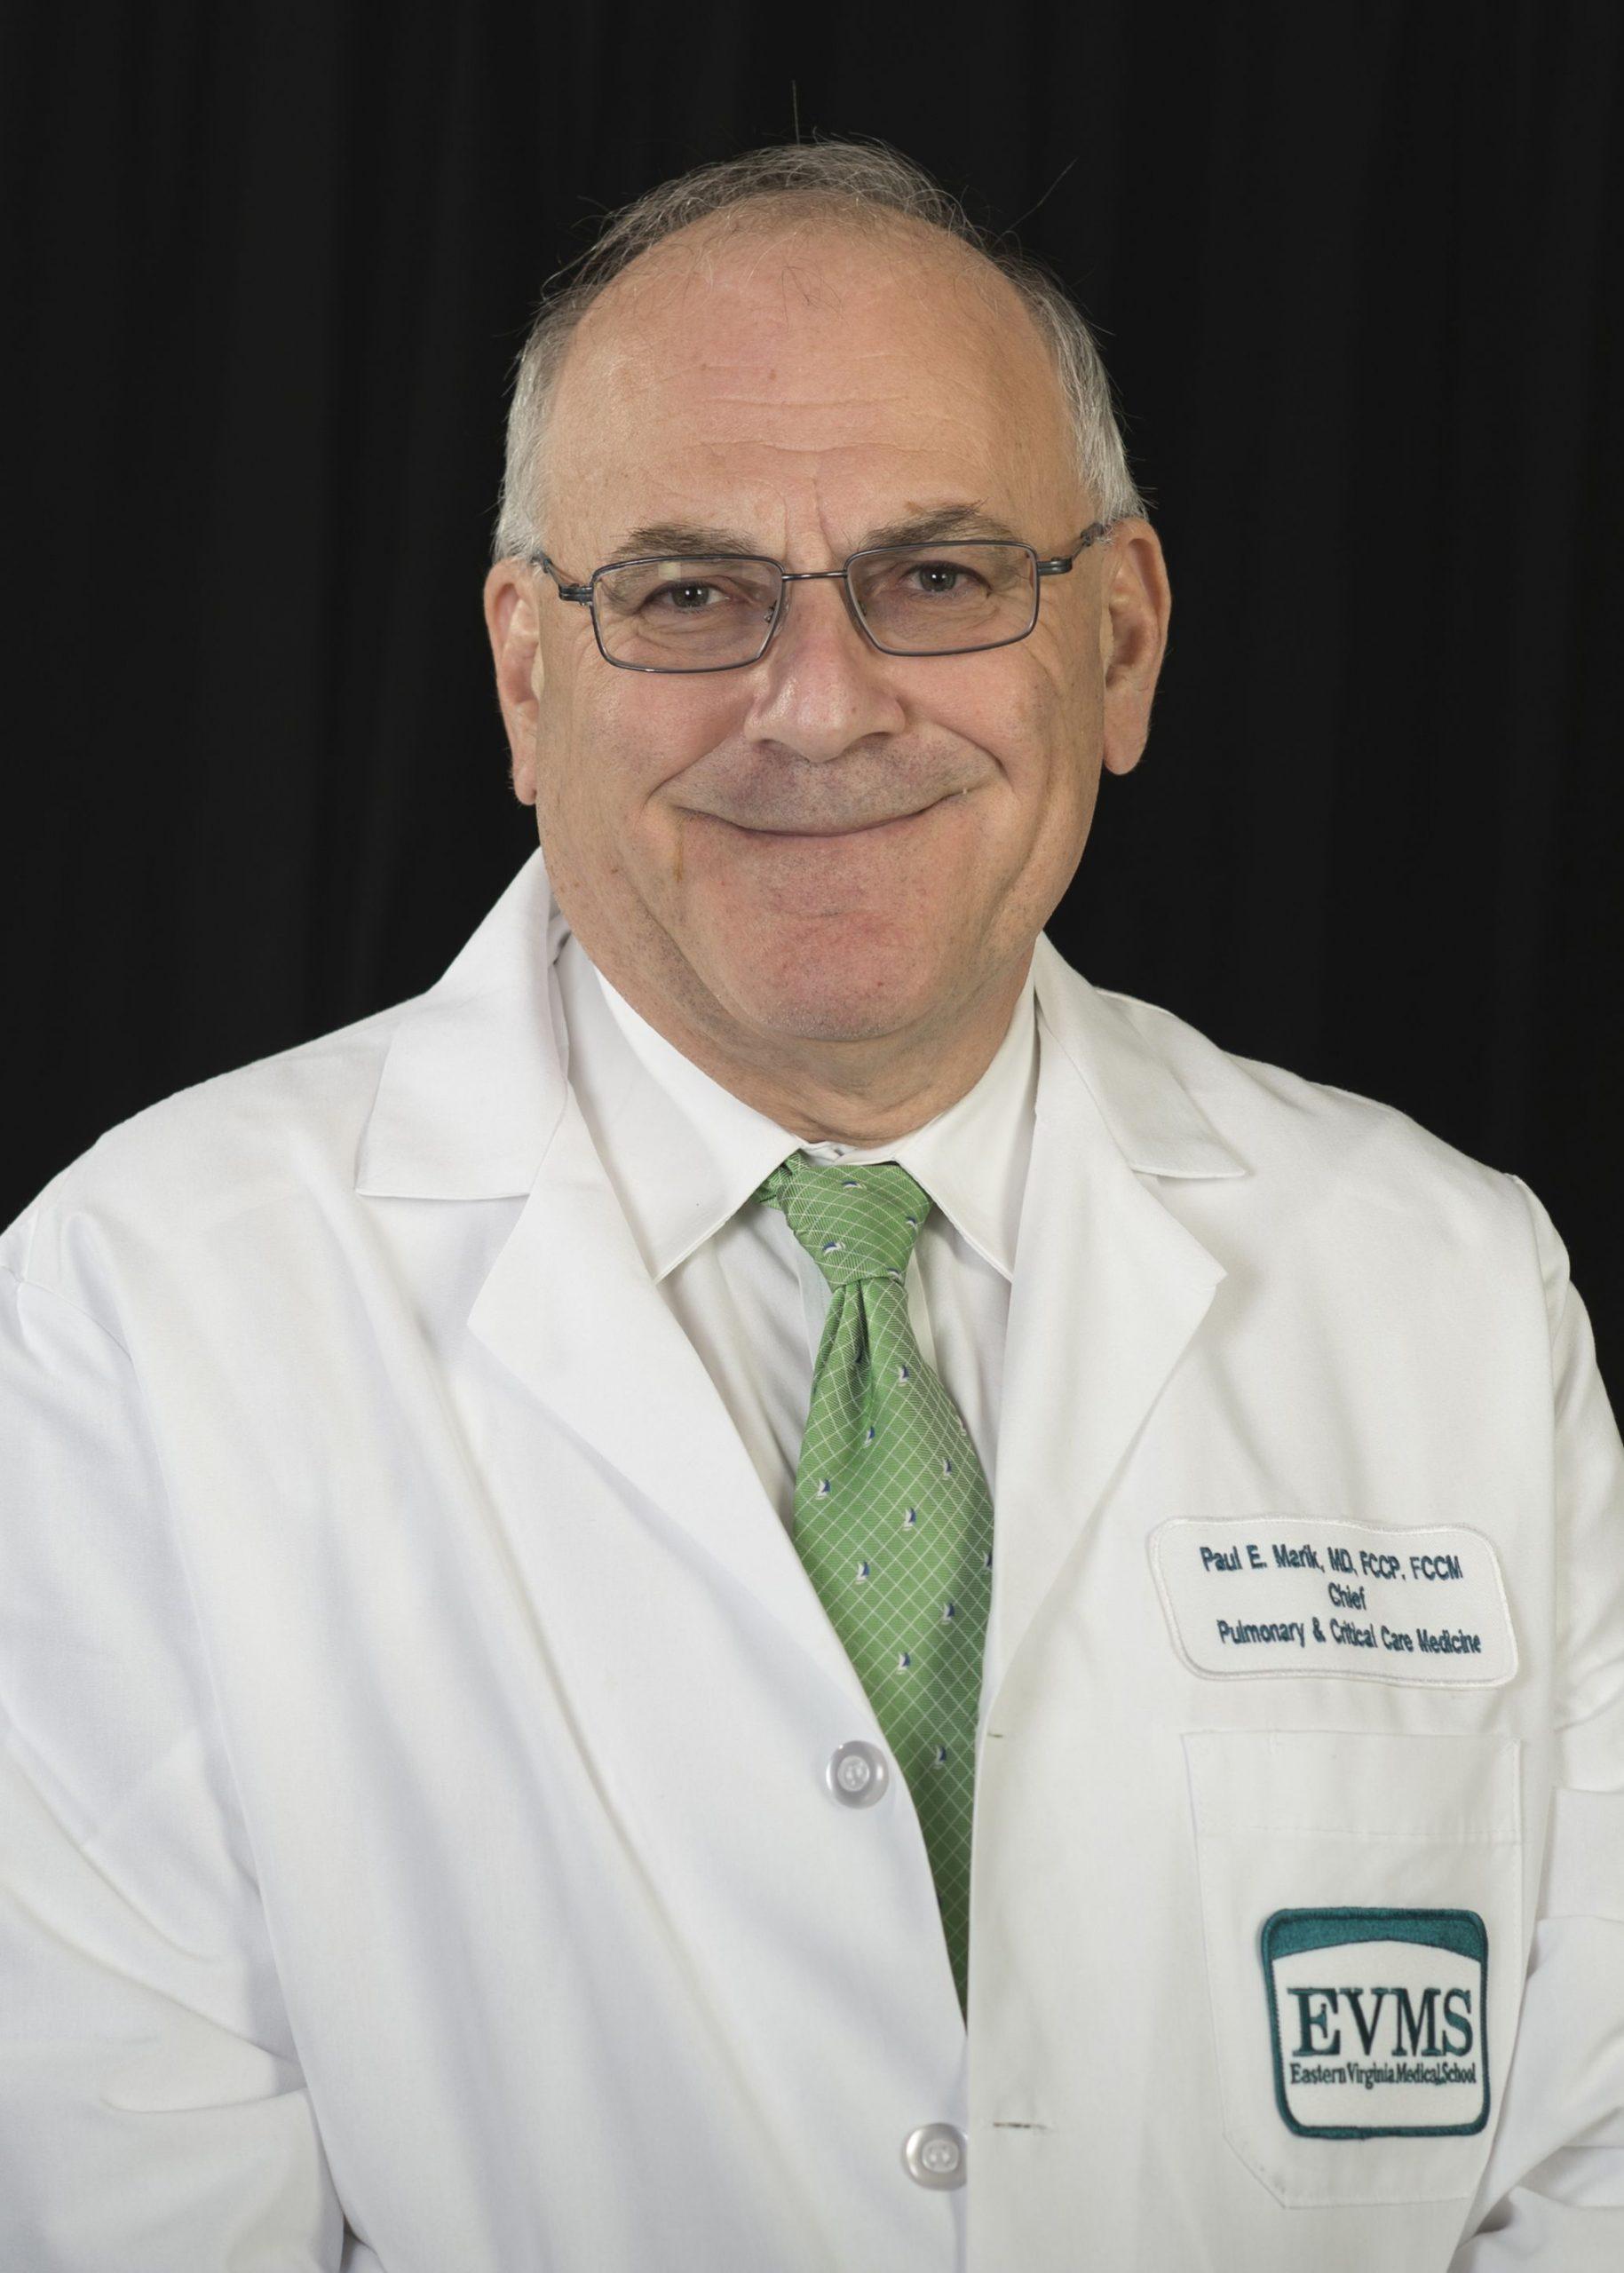 Dr. Paul Marik